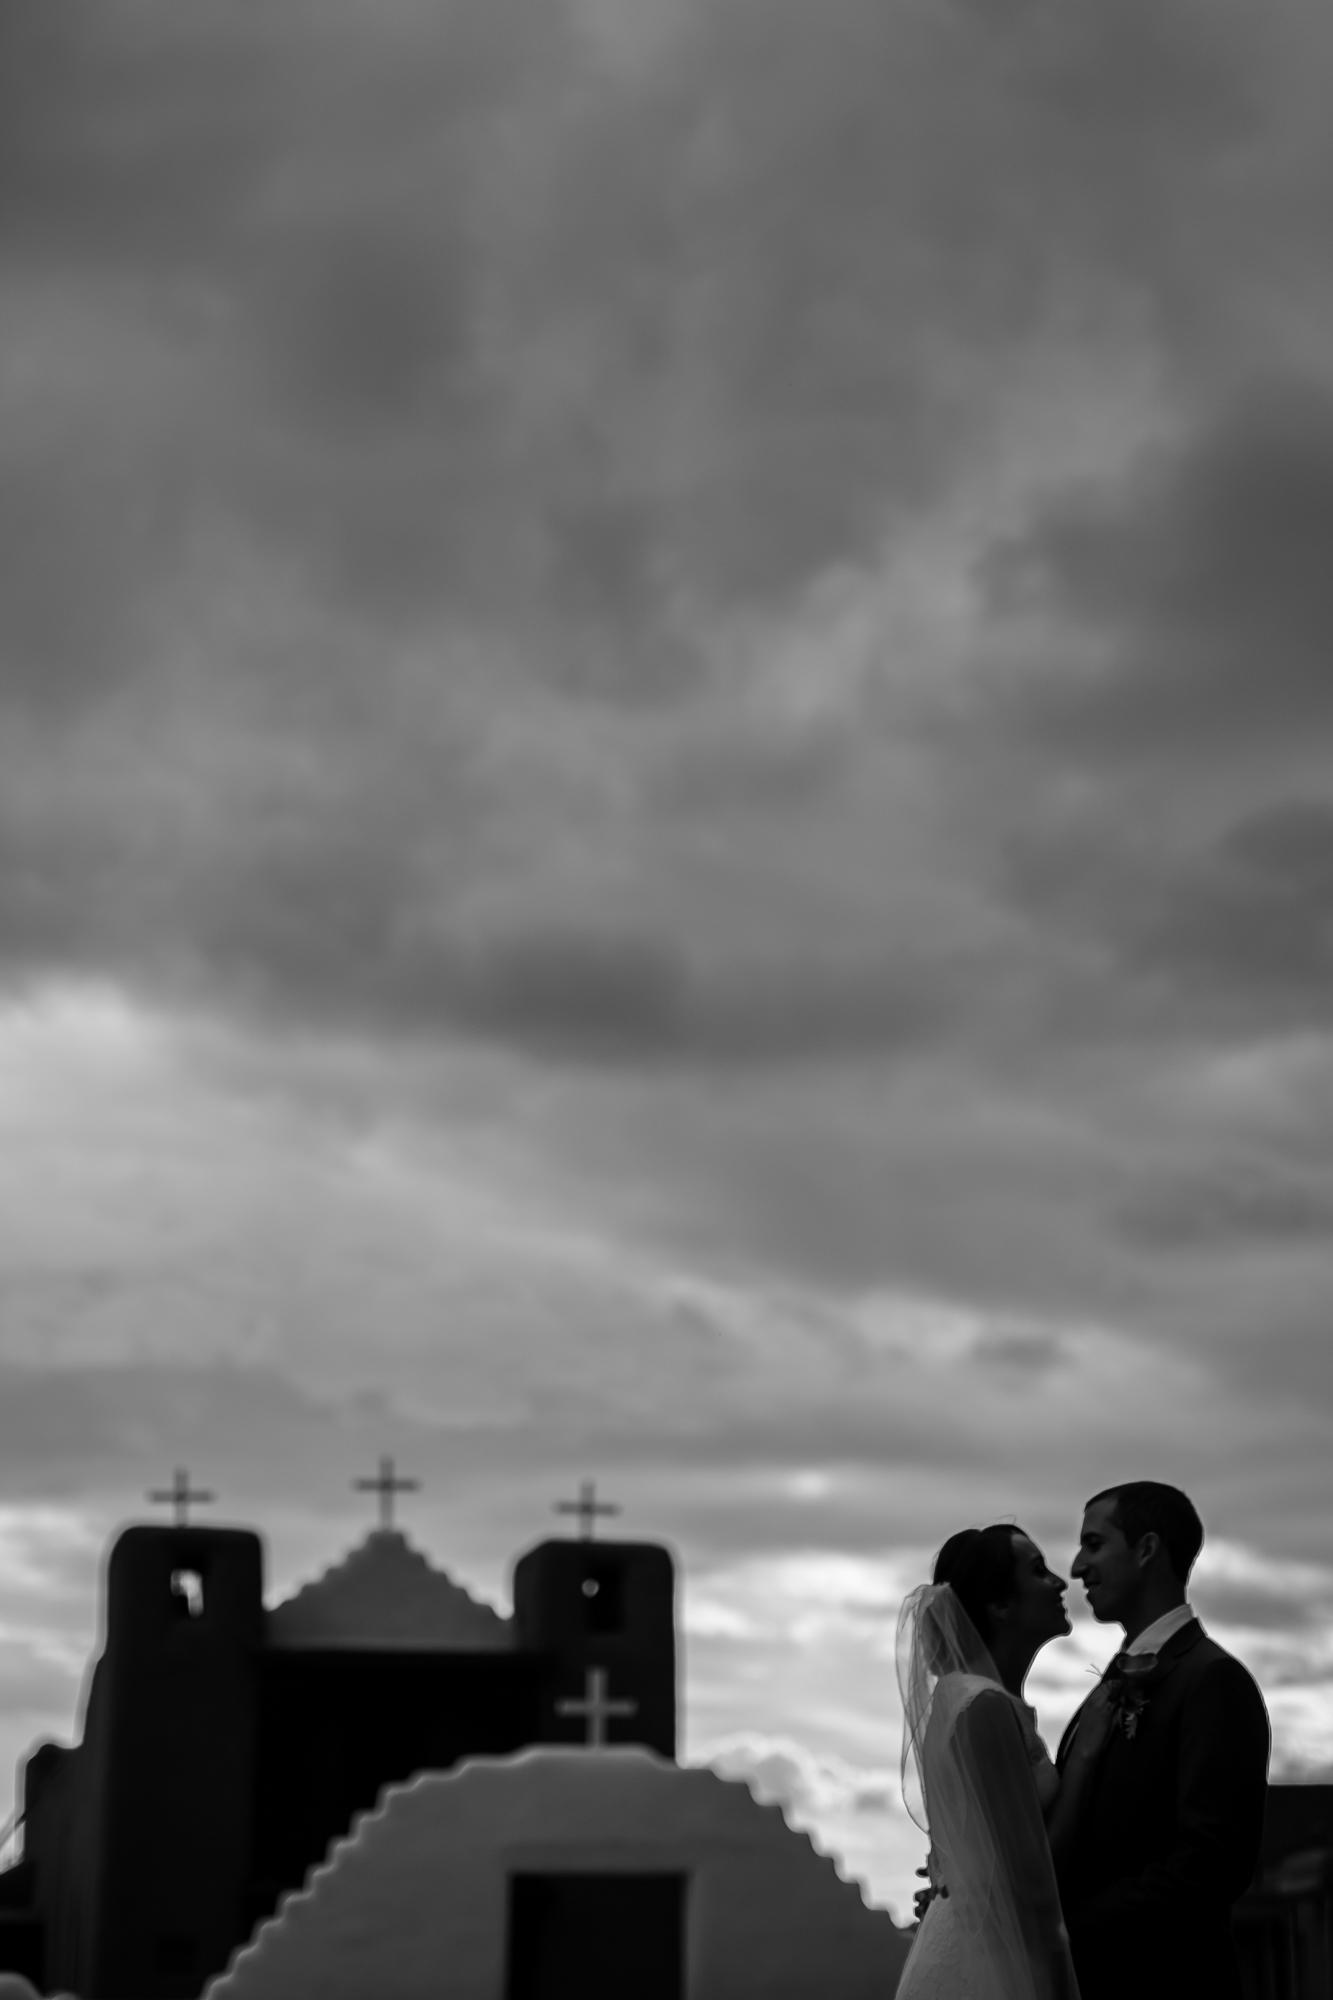 20140802_2014.08.02_RomeroPerazich_Wedding_website_UD9A5181 copy.jpg